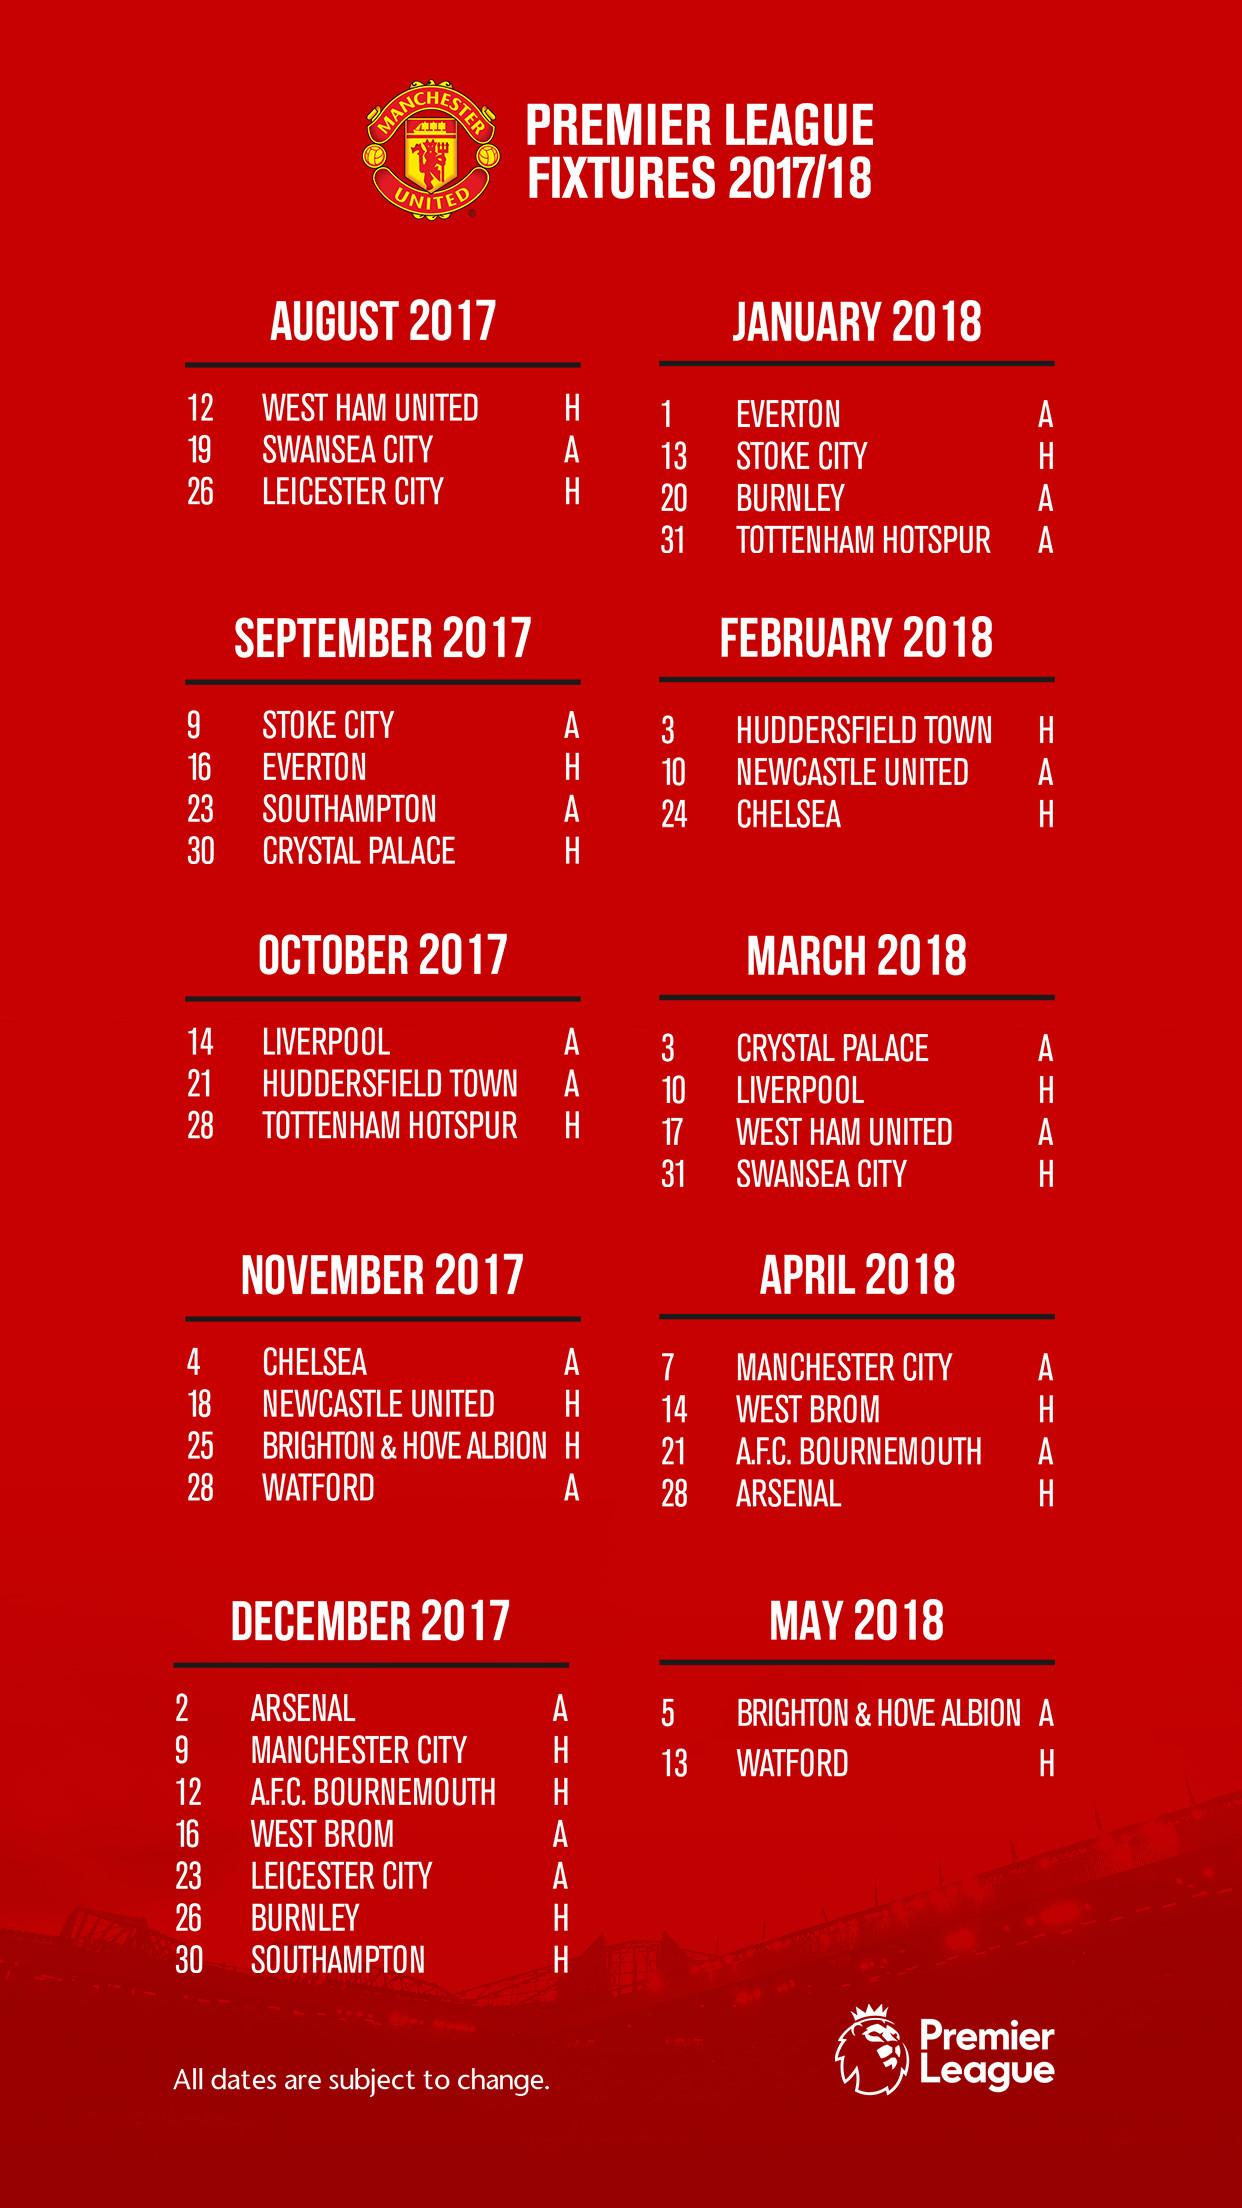 Man U Fixtures